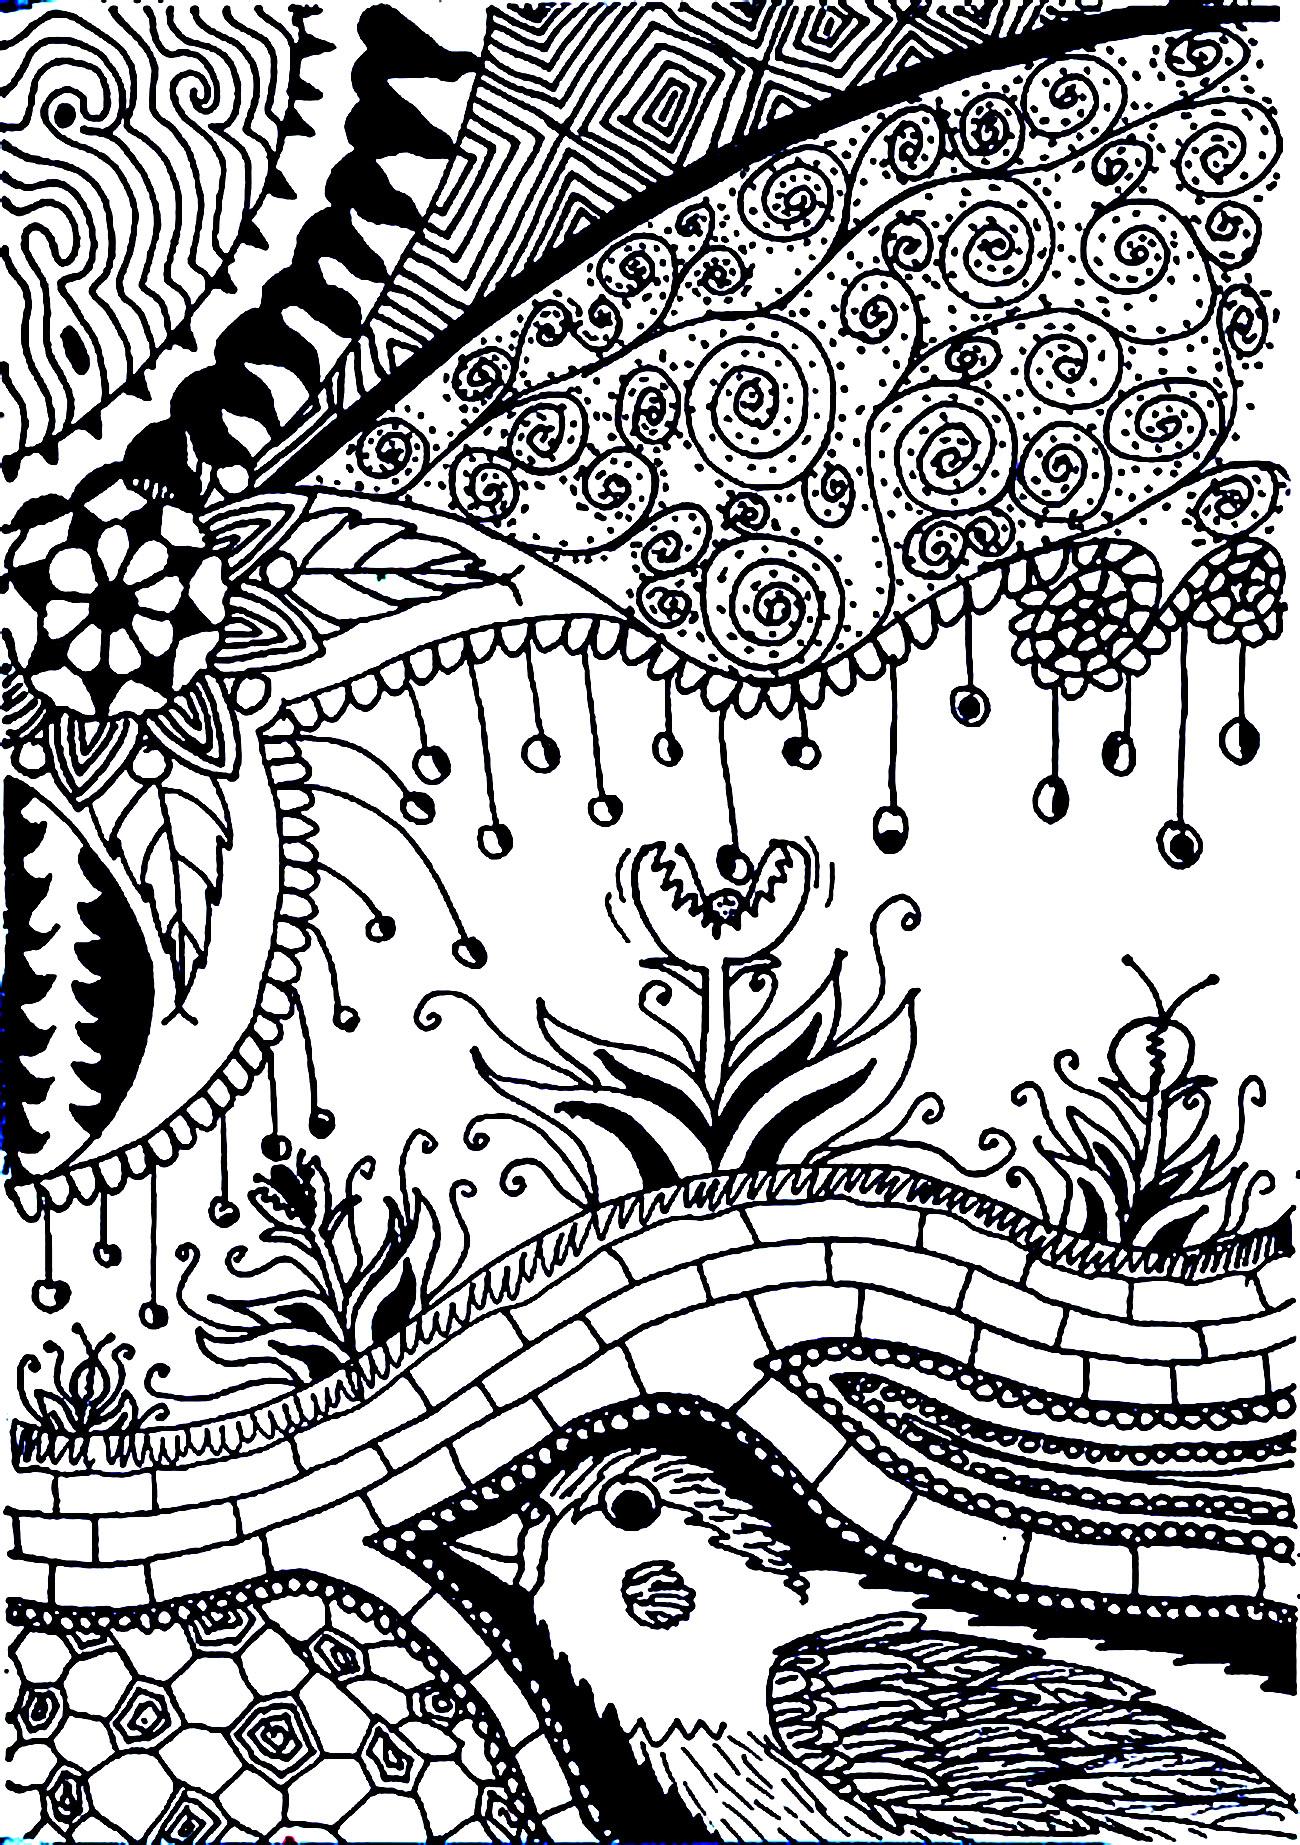 Colorear para adultos : Flores y vegetación - 21